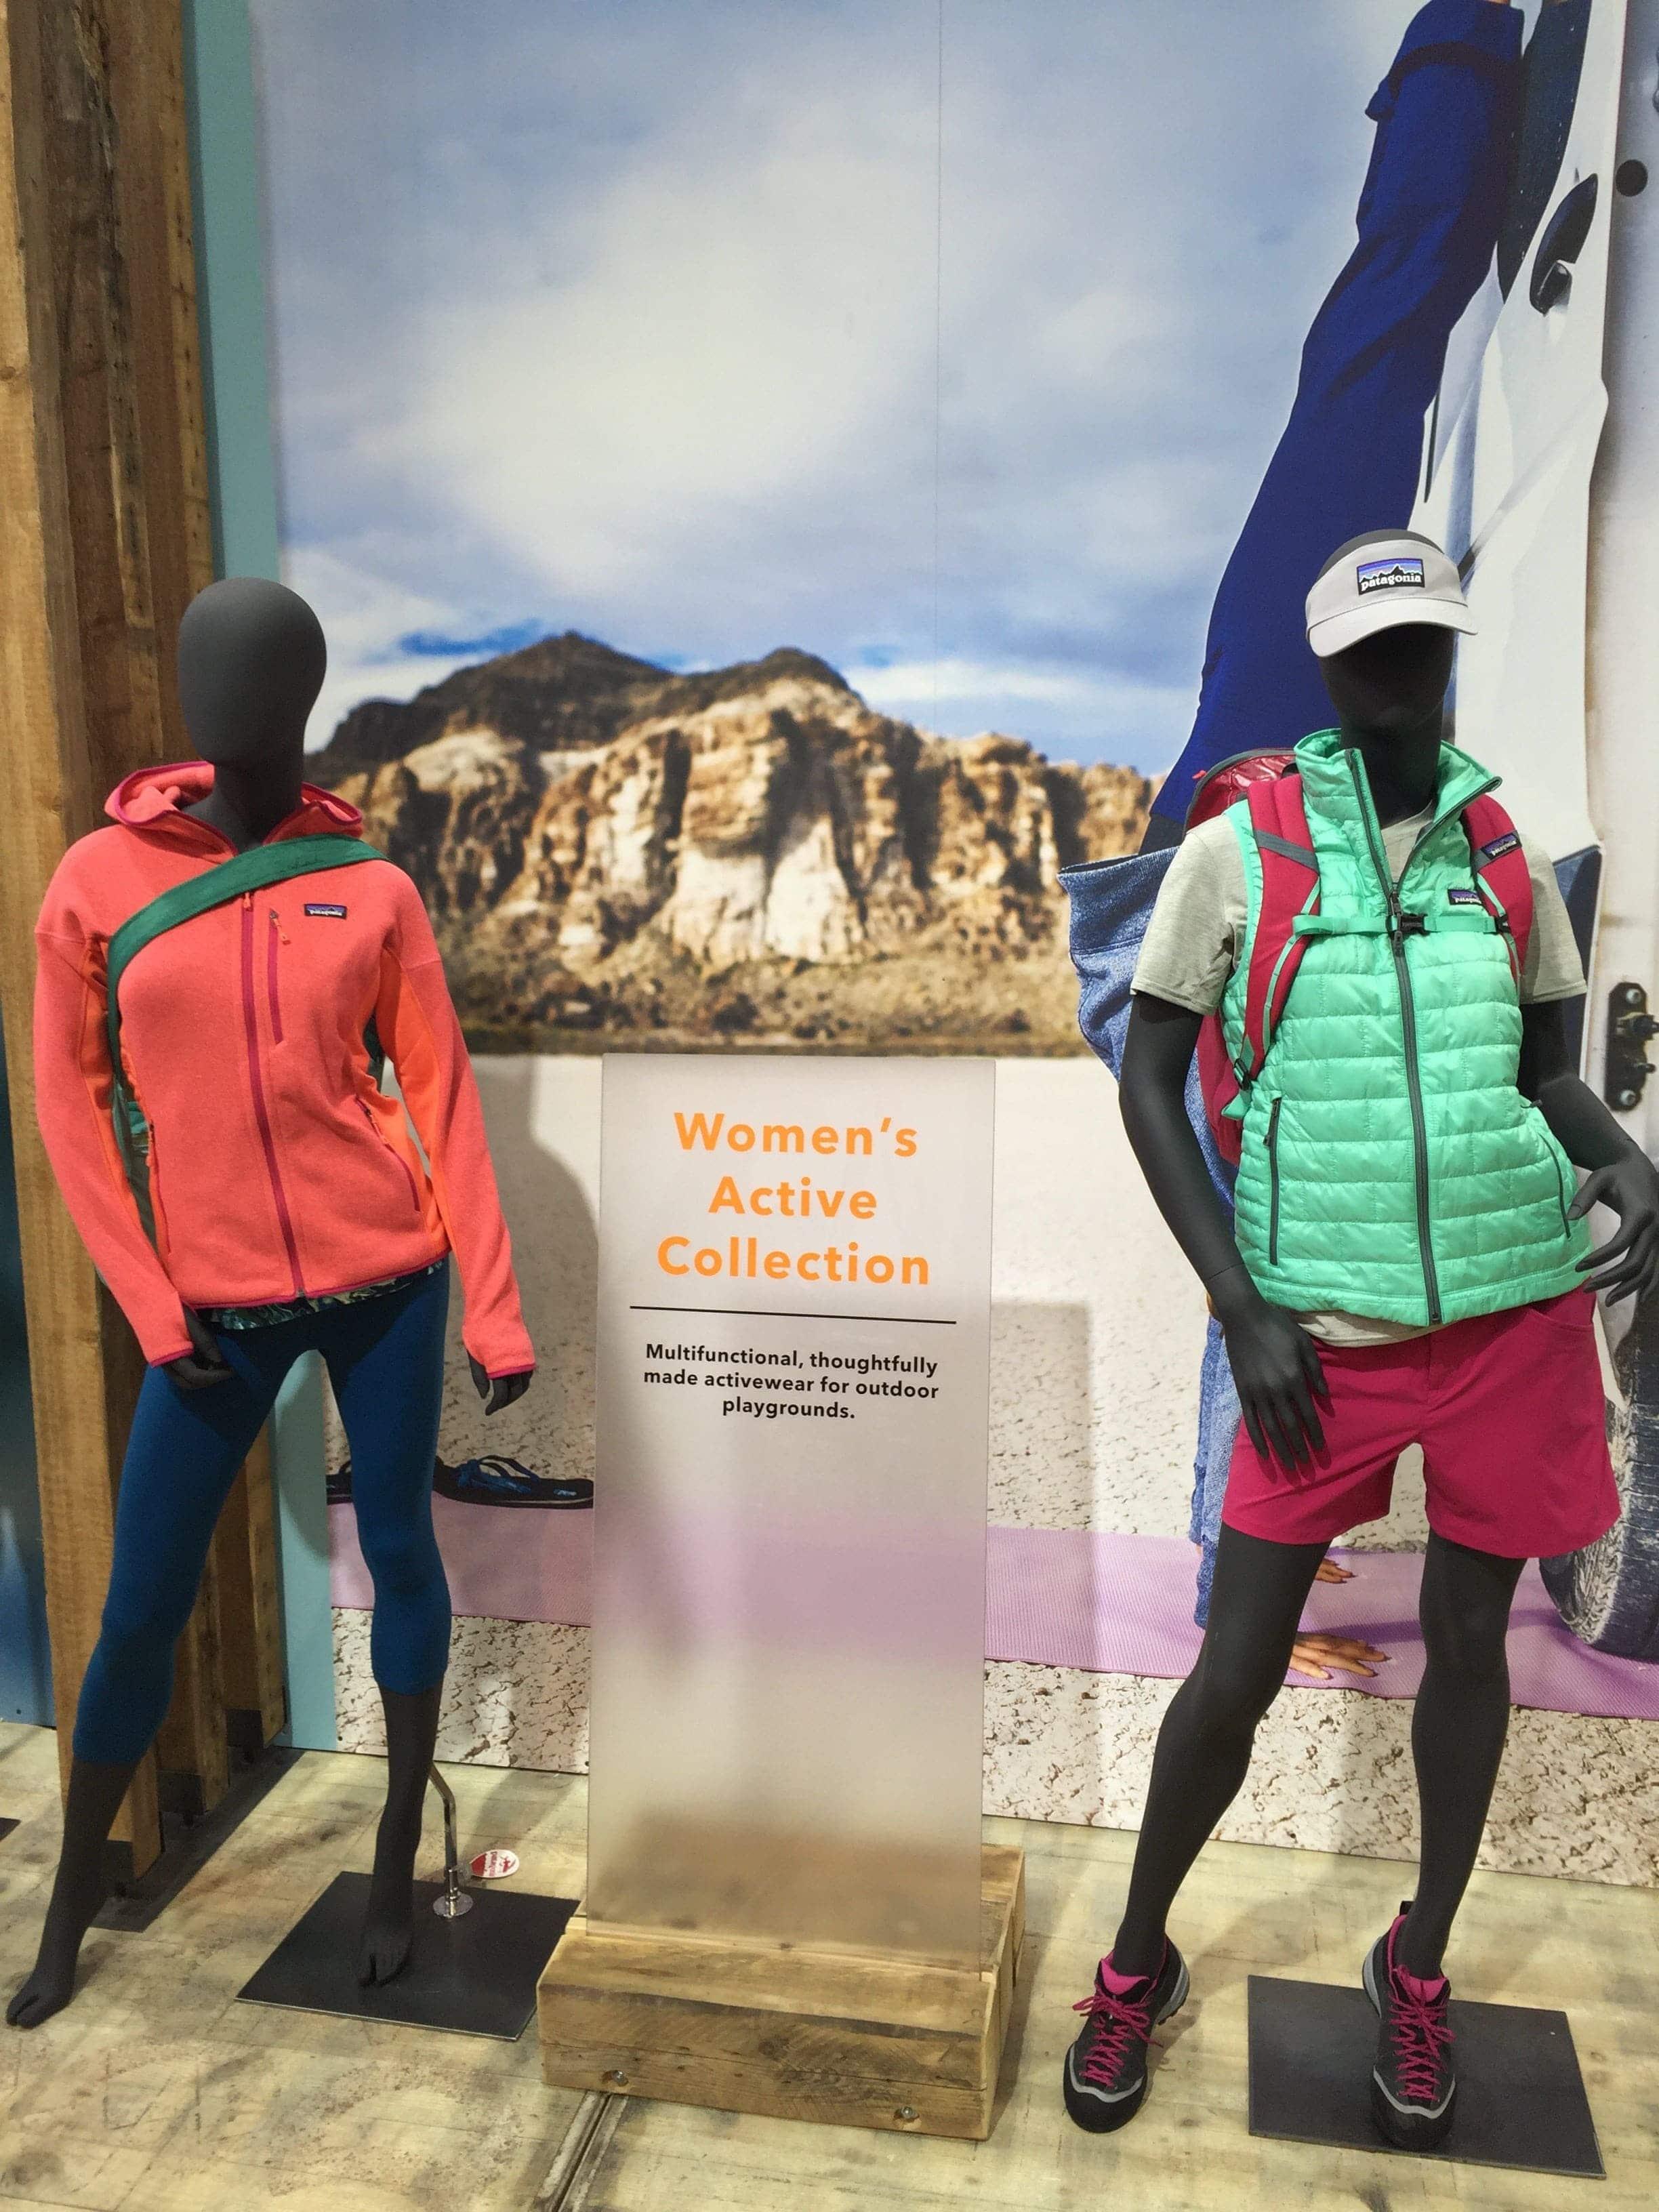 Die Women's Active Collection funktioniert nicht nur beim Sport, oder in der Natur, sondern auch im urbanen Alltag. (Credit: Christopher Neumann)